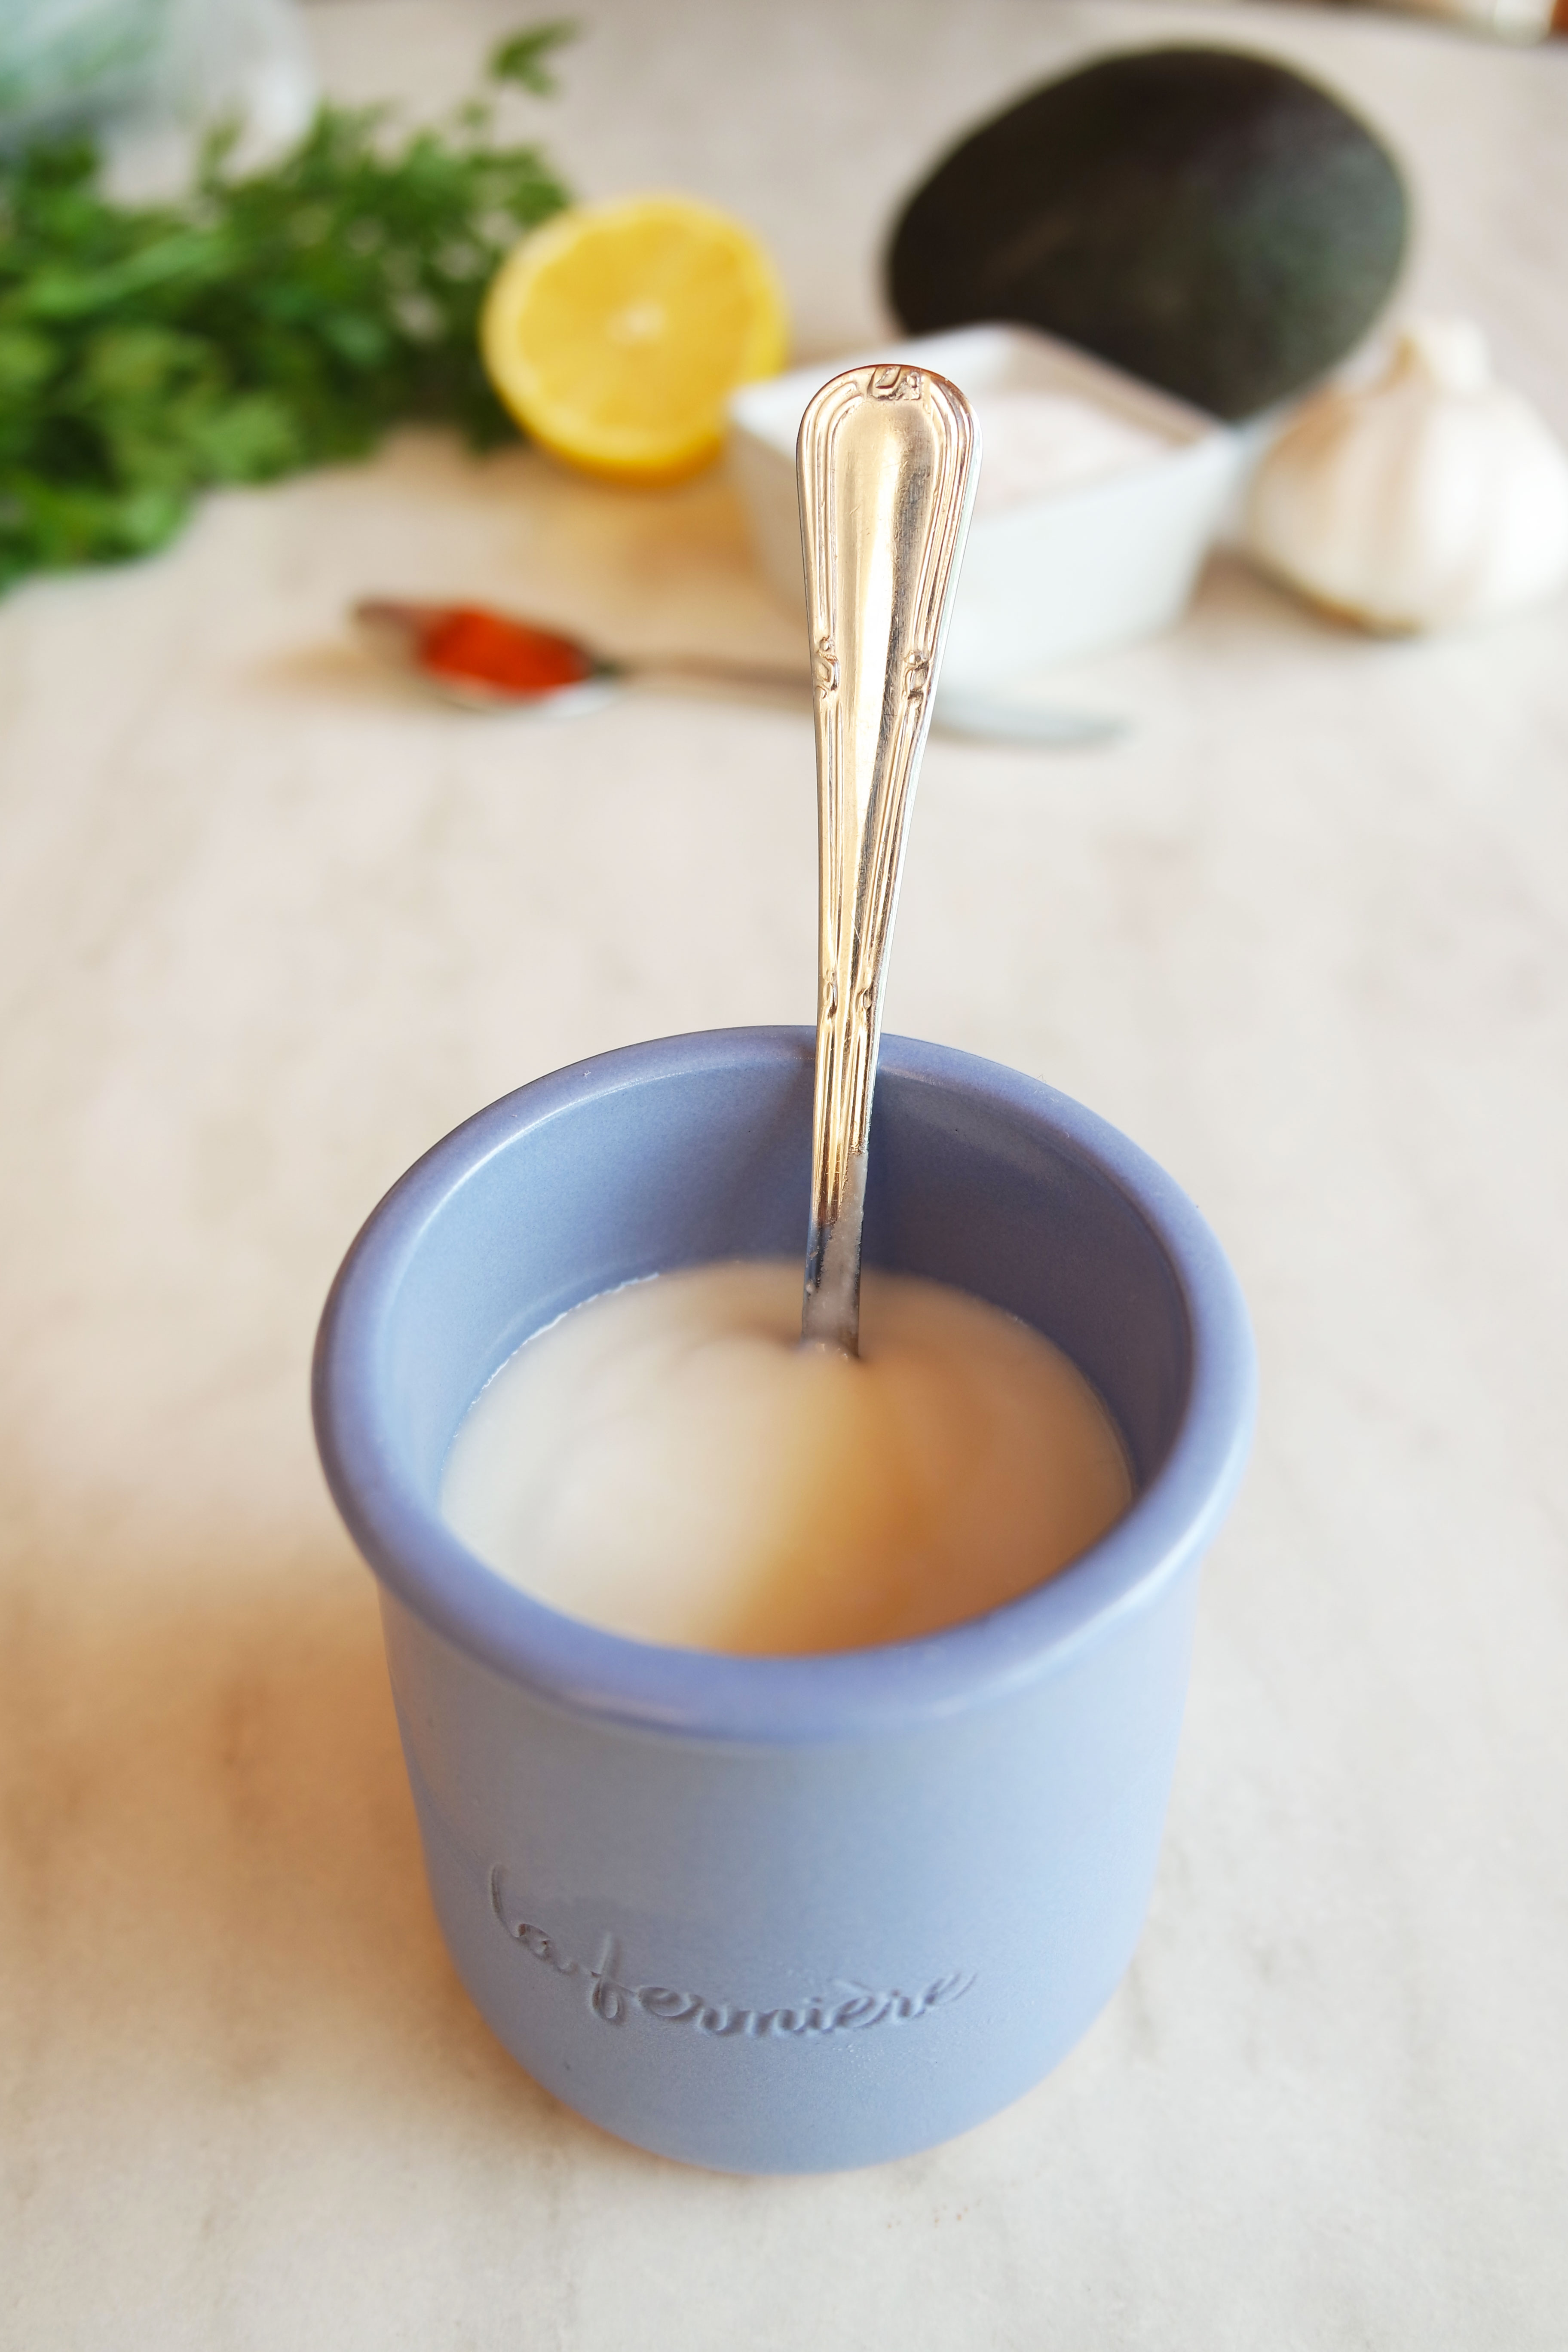 recette-facile-rapide-dip-avocat-yaourt-la-fermière-guacamole-delhaize